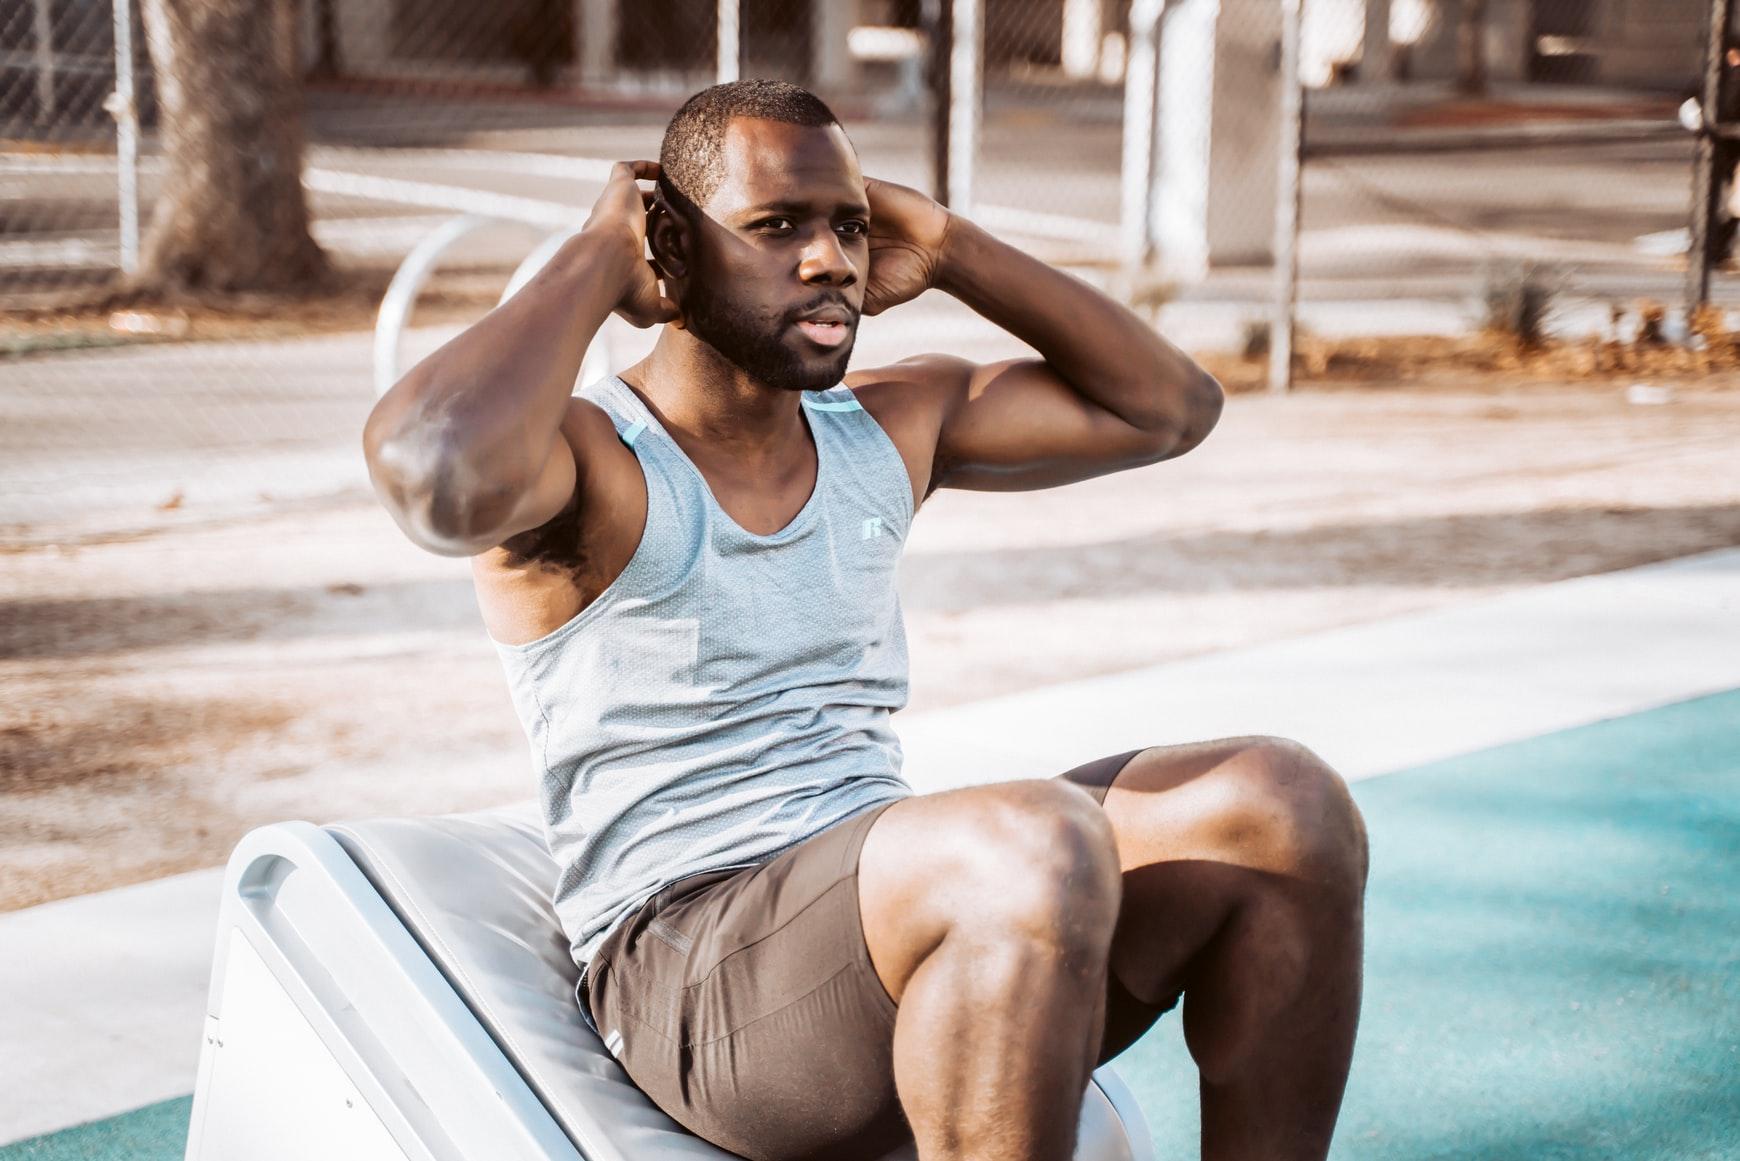 筋肉痛のときでも筋トレするべき?休むべき?早く筋肉痛を治す方法も紹介